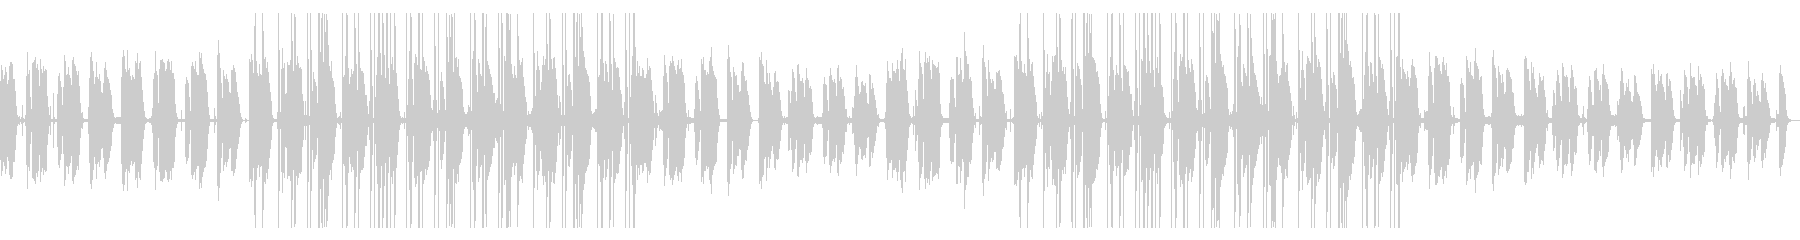 都会的 JazzyなLoFiHipHopの未再生の波形